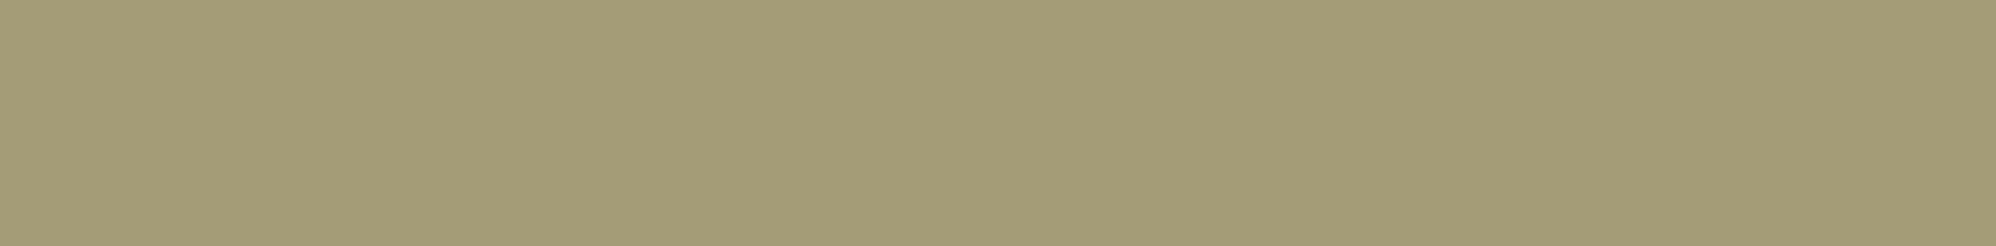 Monocle Magazine Logo